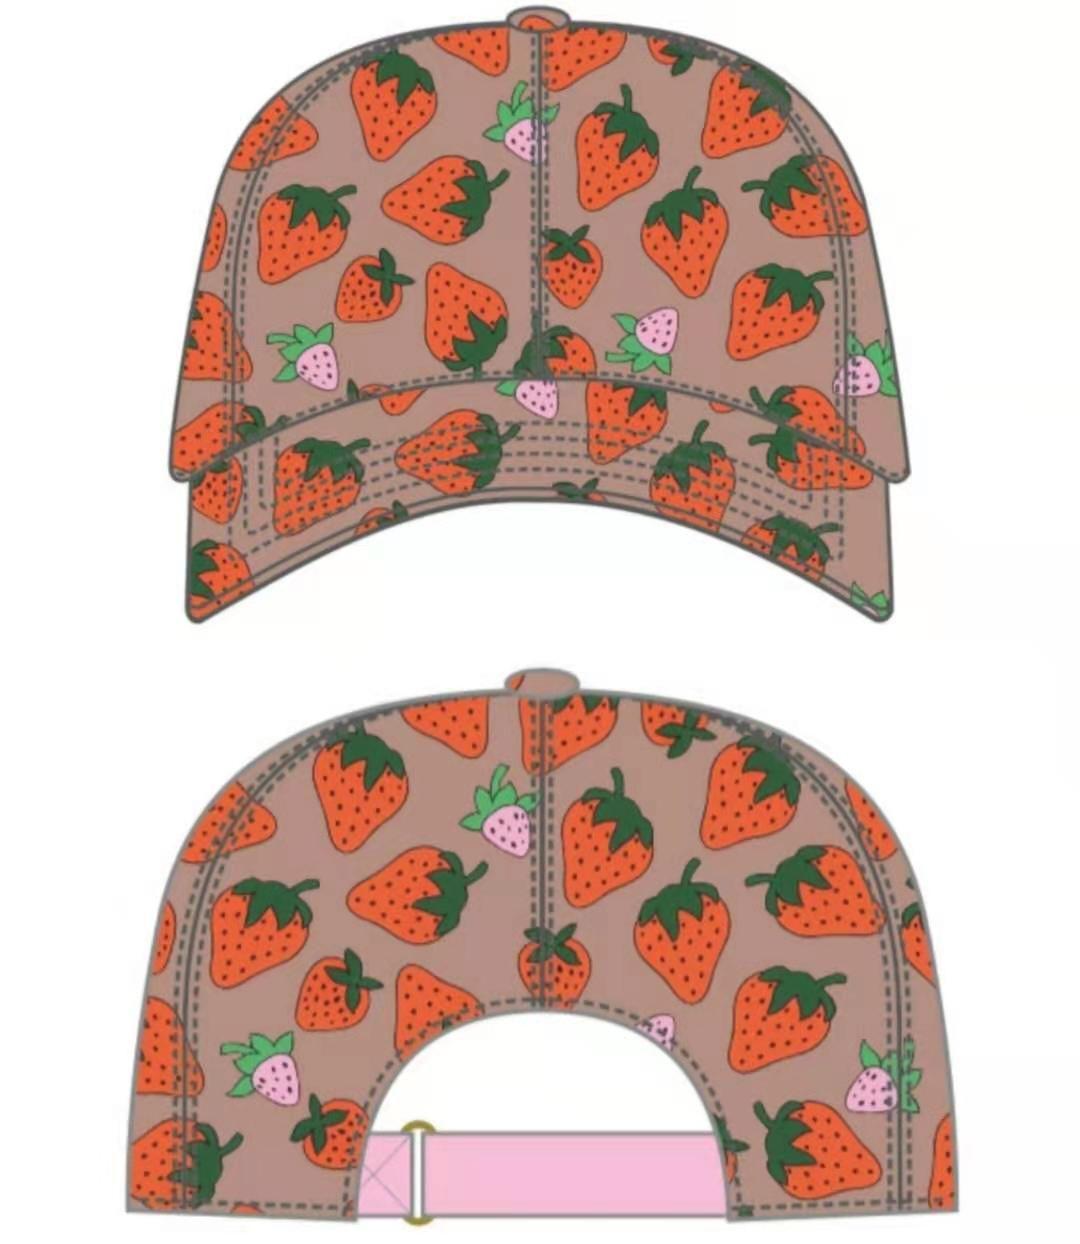 عالية الجودة الفراولة البيسبول قبعات الرجل القطن الصبار الكلاسيكية إلكتروني الكرة قبعات الصيف المرأة الشمس القبعات في الهواء الطلق قابل للتعديل snapback قبعة فتاة لطيف قناع